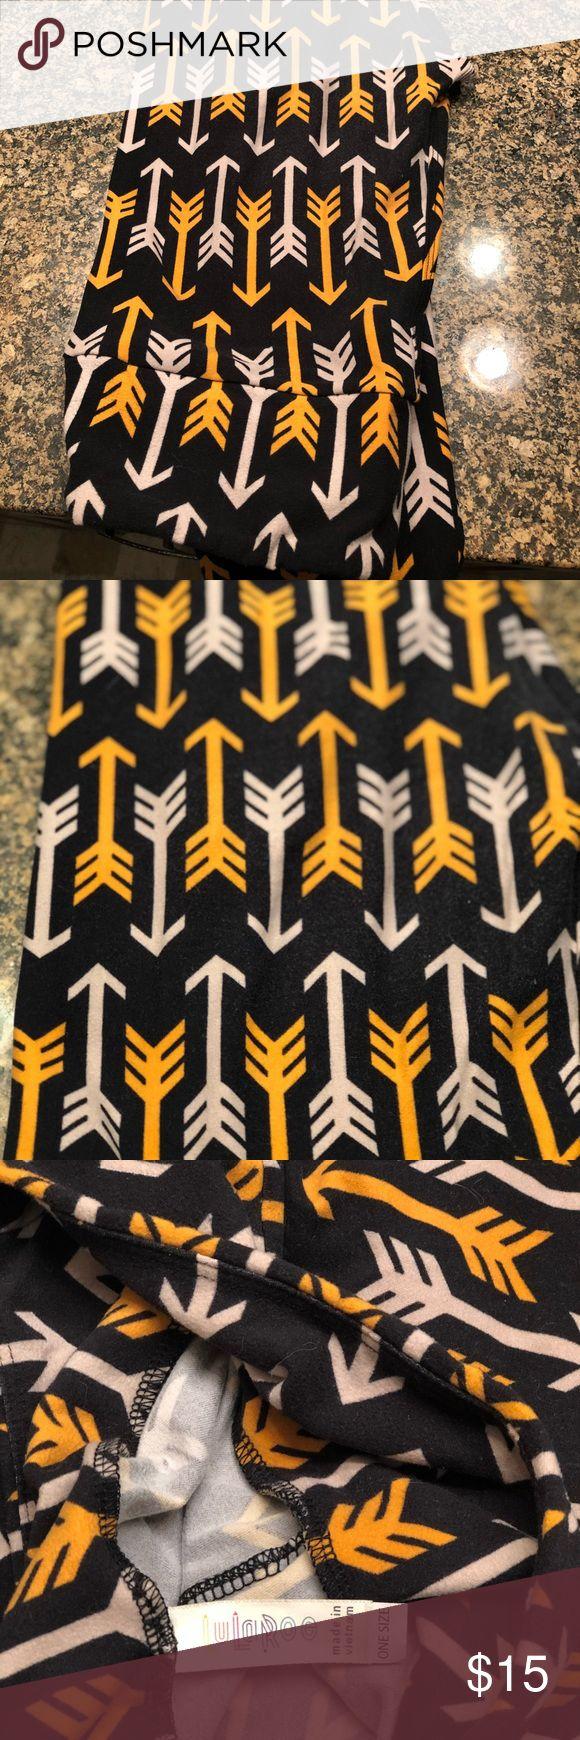 Lularoe leggngs. Arrows!! VGUC Size OS Lularoe leggings. Size OS. VGUC LuLaRoe Pants Leggings